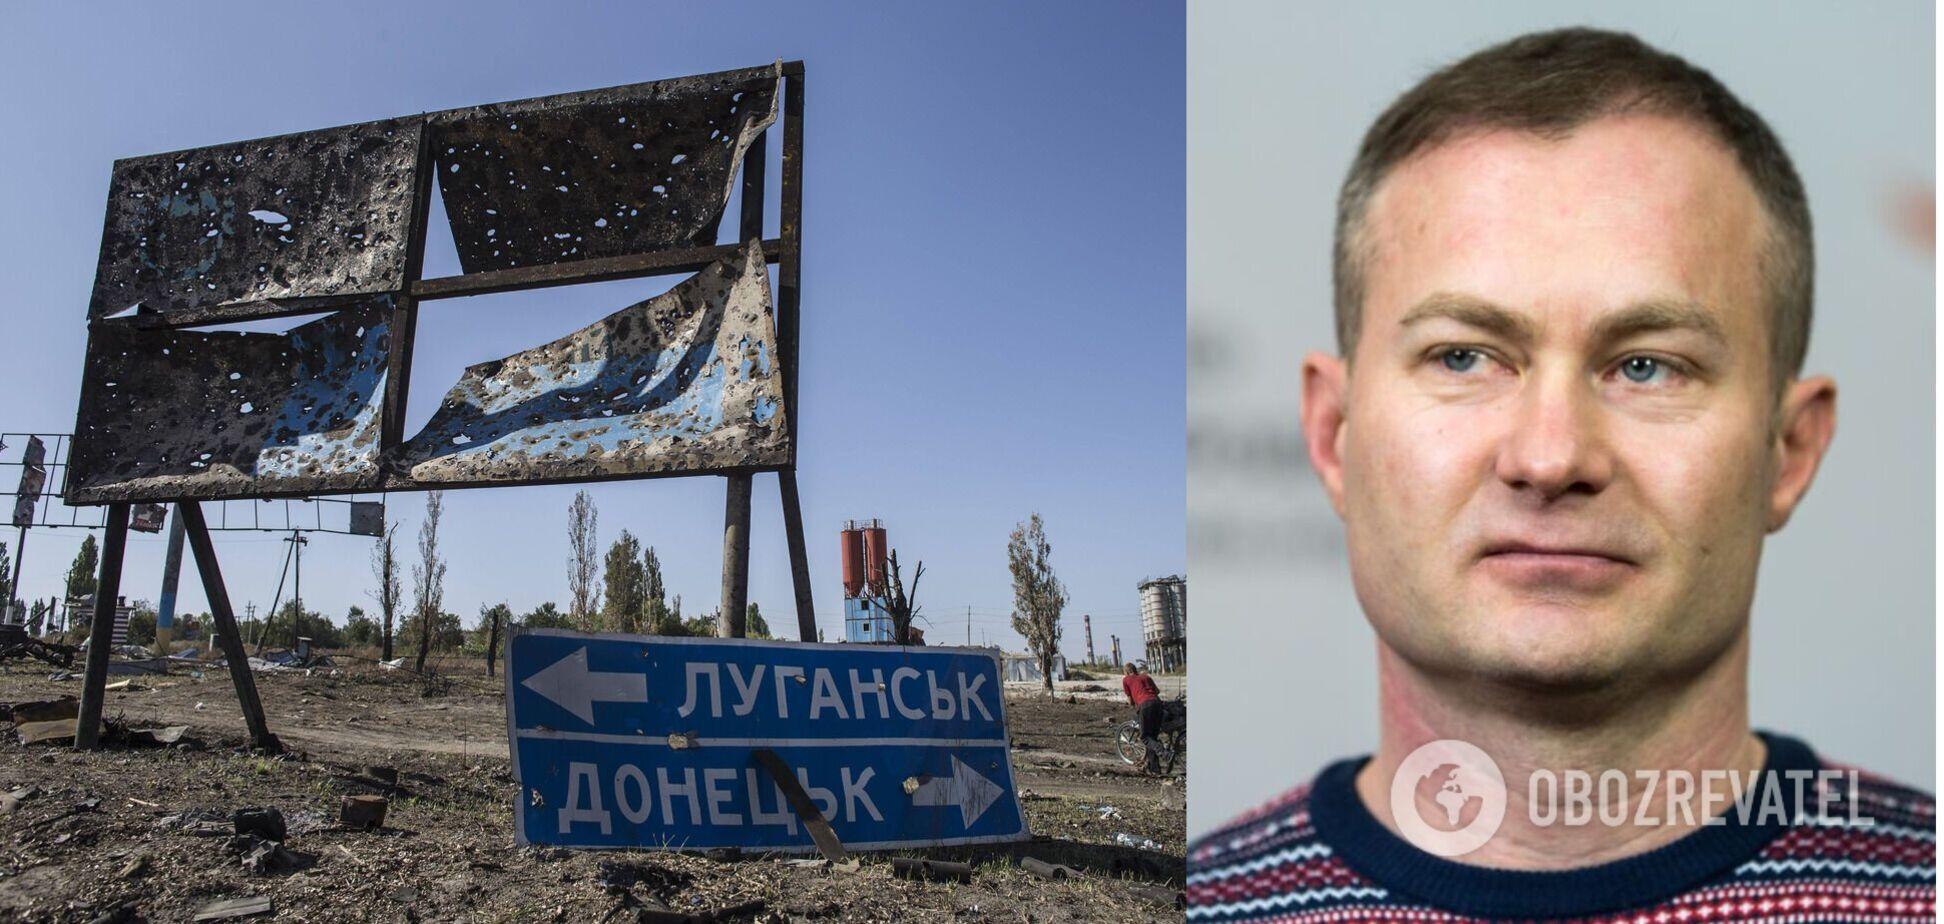 В ТКГ оценили вероятность эскалации на Донбассе из-за расследования против Медведчука